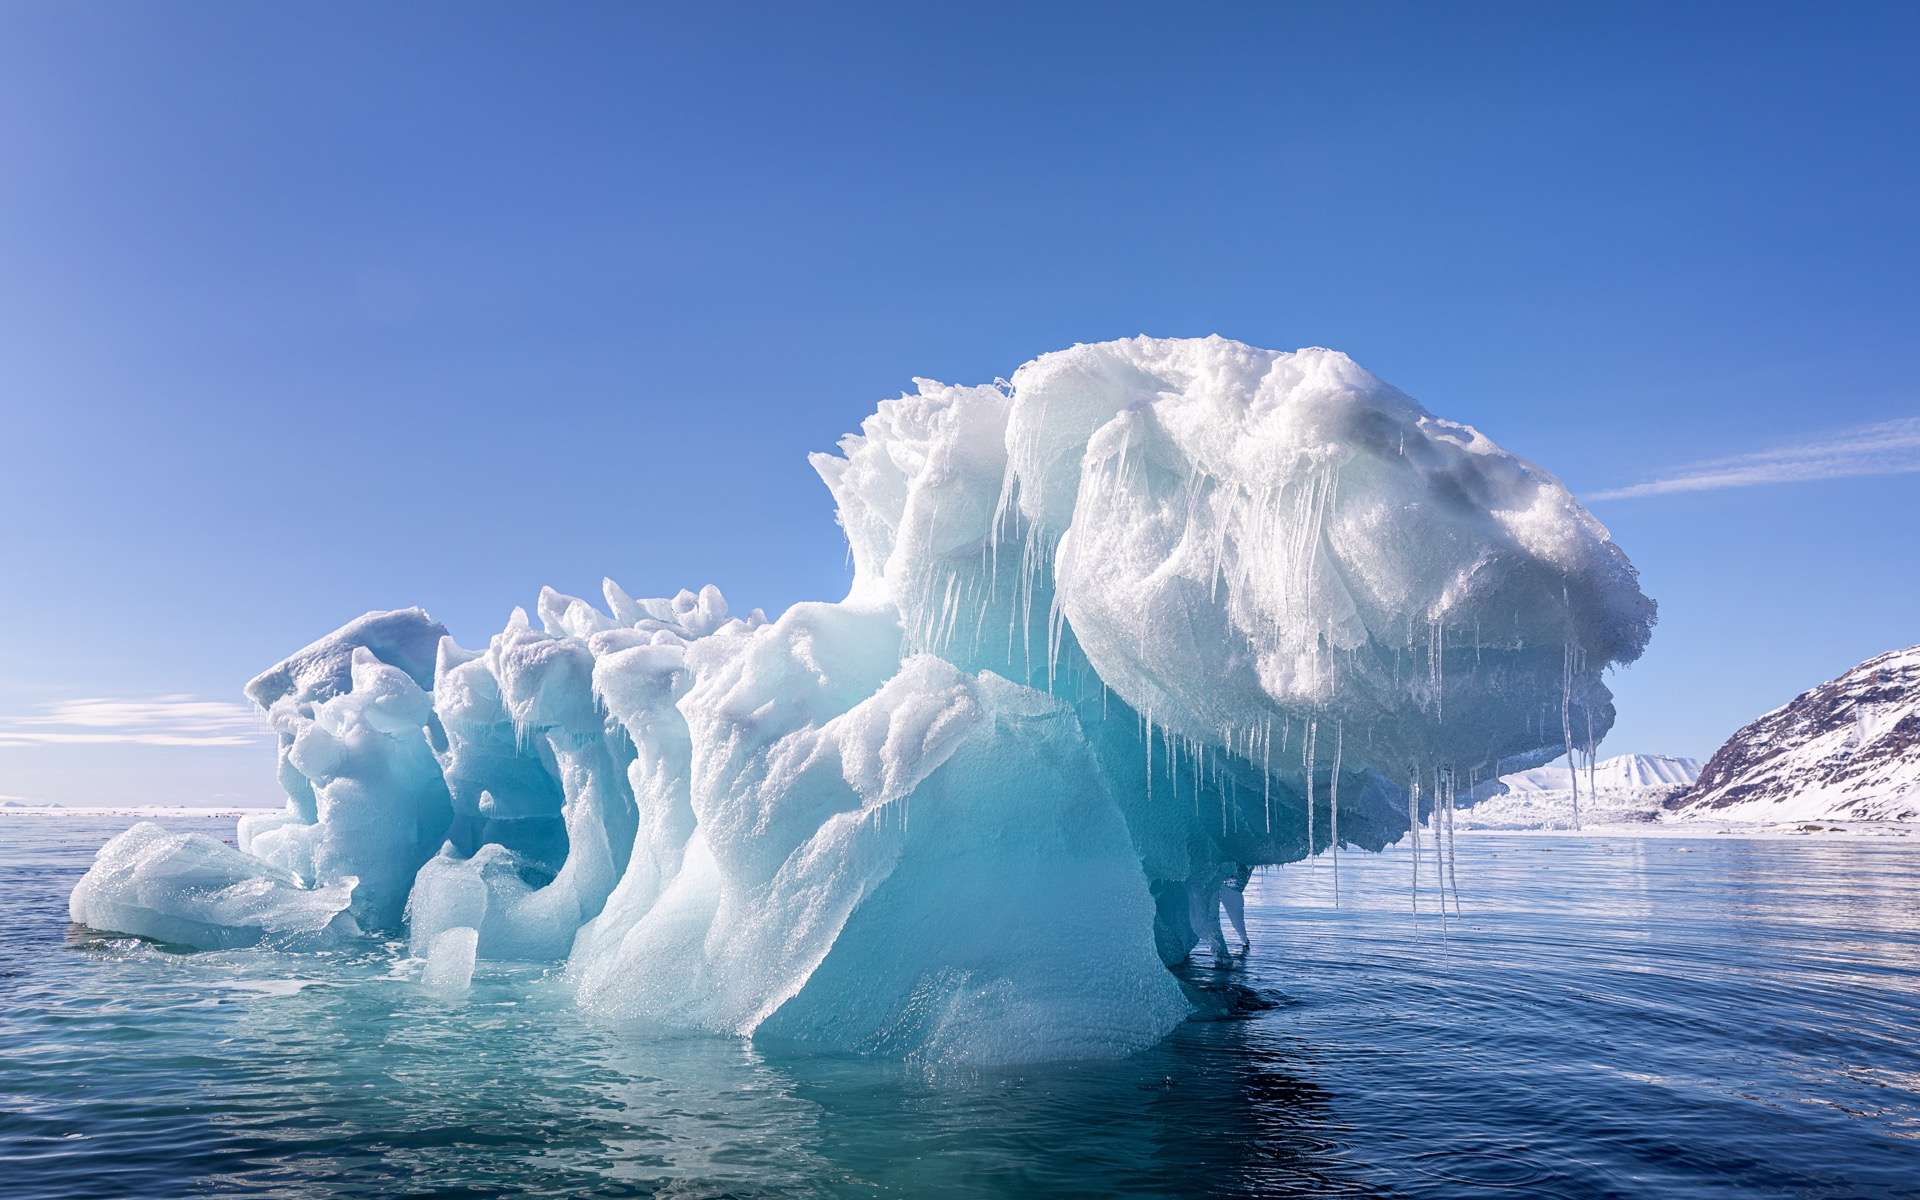 Au Svalbard, un archipel en Norvège, un pic de chaleur très au dessus des normales saisonnières a été enregistré. Les glaciers du Svalbard reculent rapidement. Ils recouvrent normalement 60 % de cet archipel, soit une superficie de 38.000 km². © Rixie, Adobe Stock